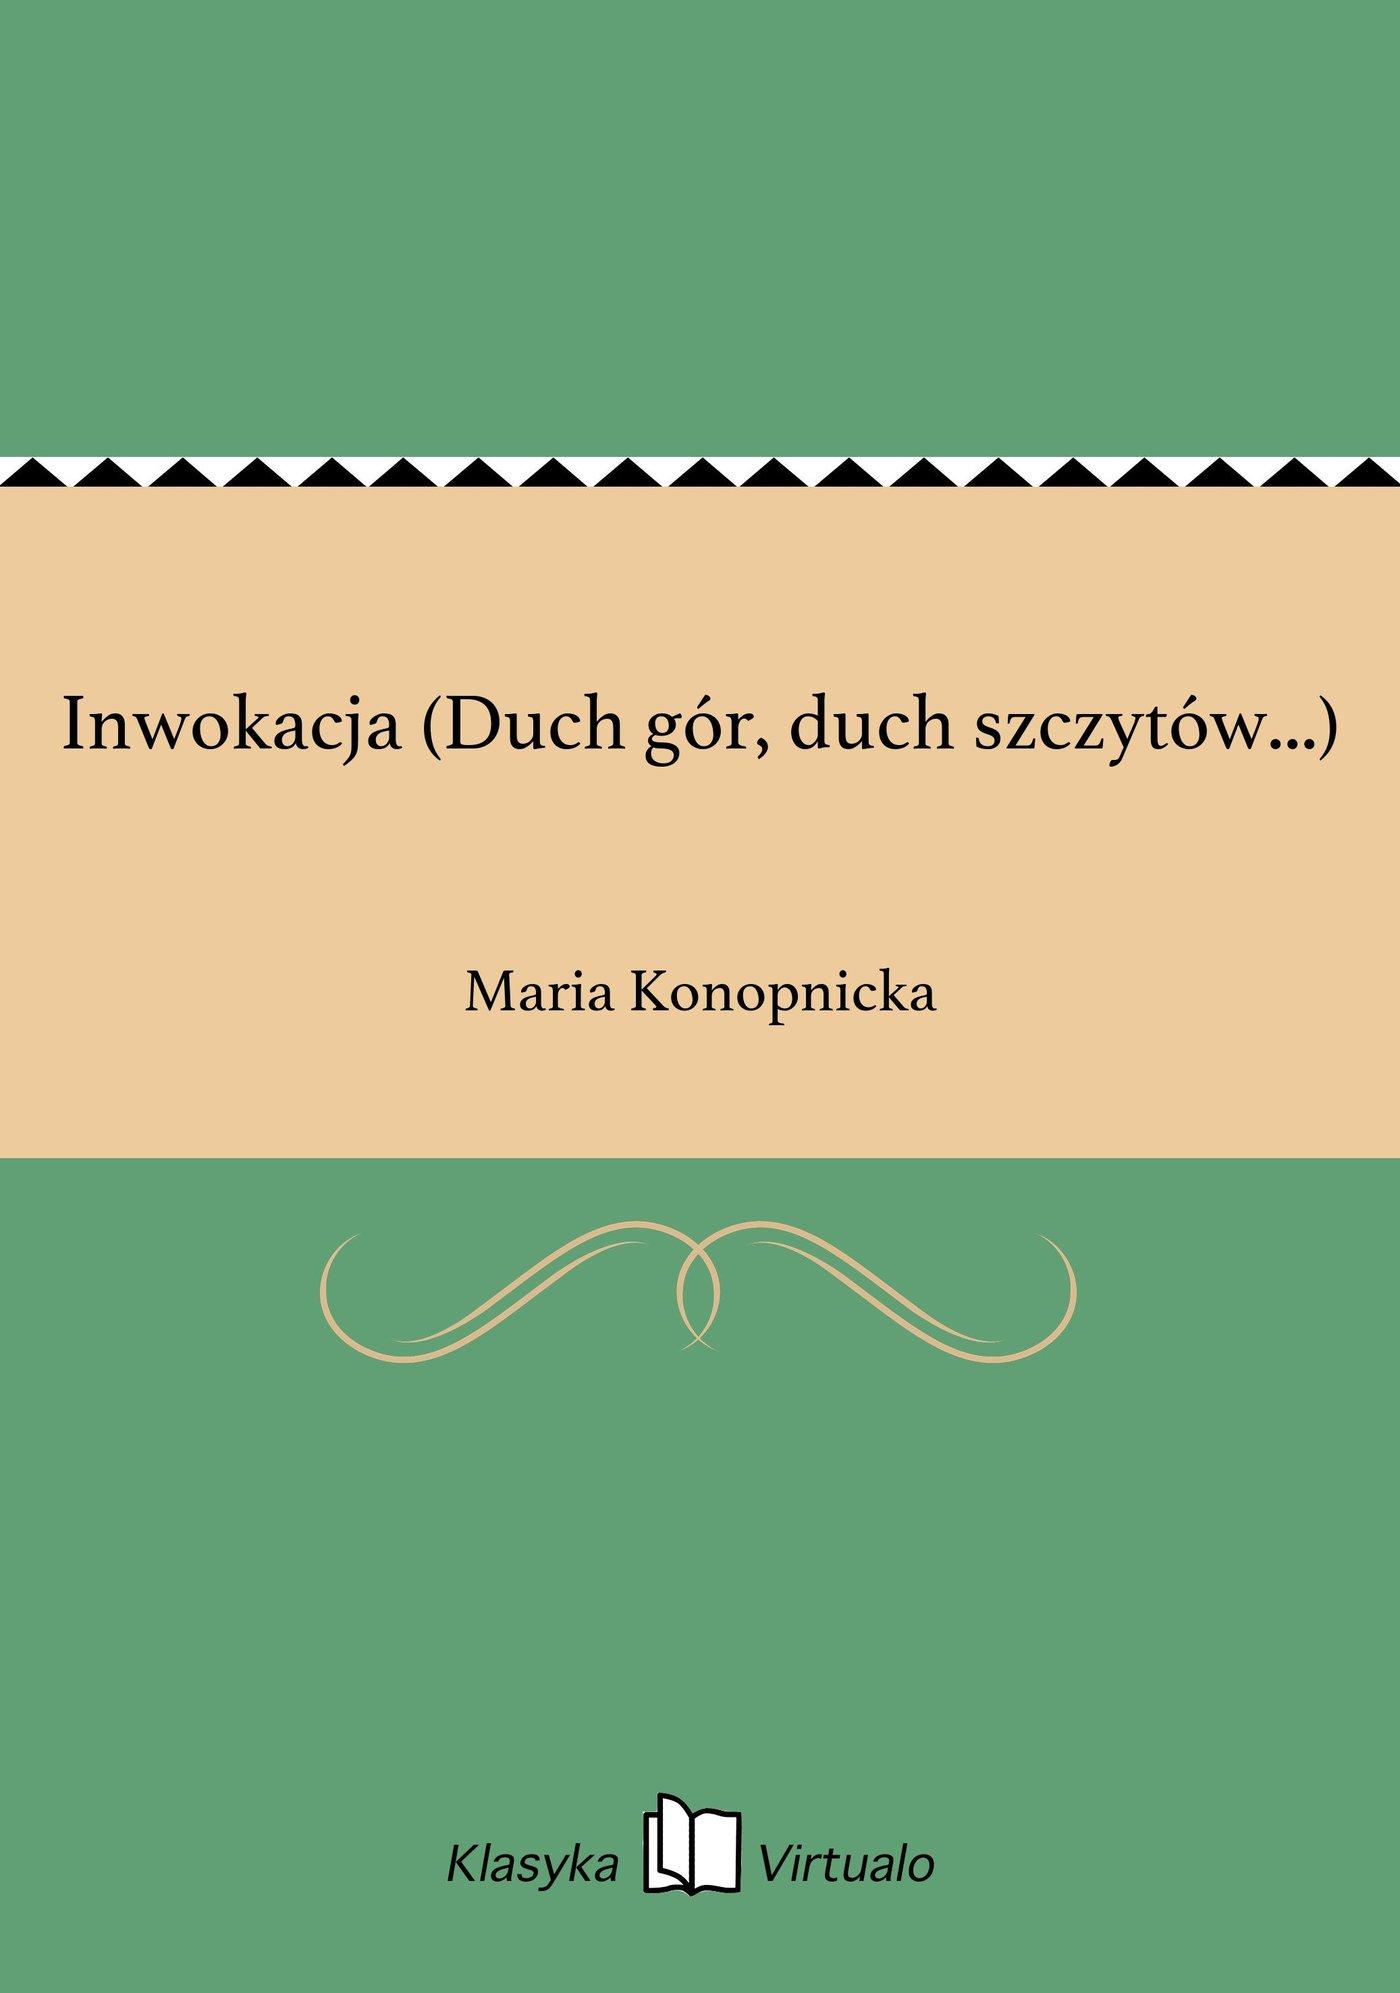 Inwokacja (Duch gór, duch szczytów...) - Ebook (Książka na Kindle) do pobrania w formacie MOBI